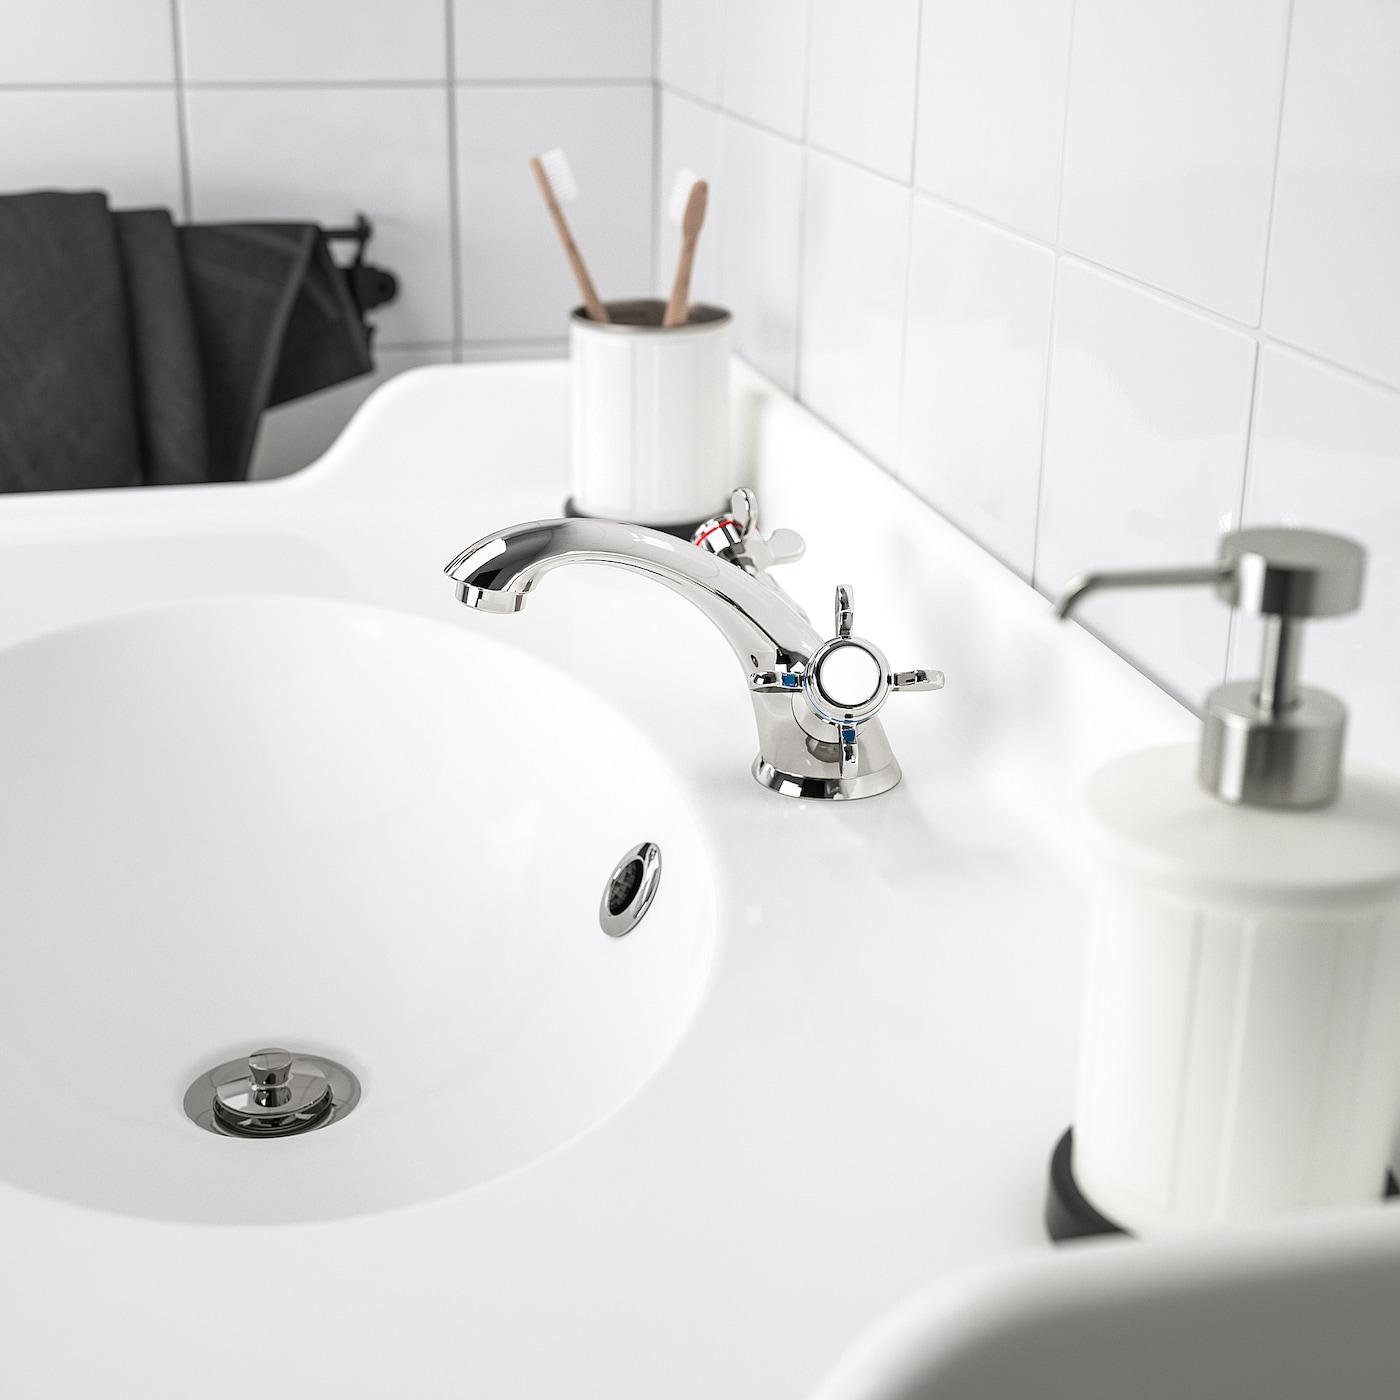 RUNSKÄR Bath faucet with strainer, chrome plated